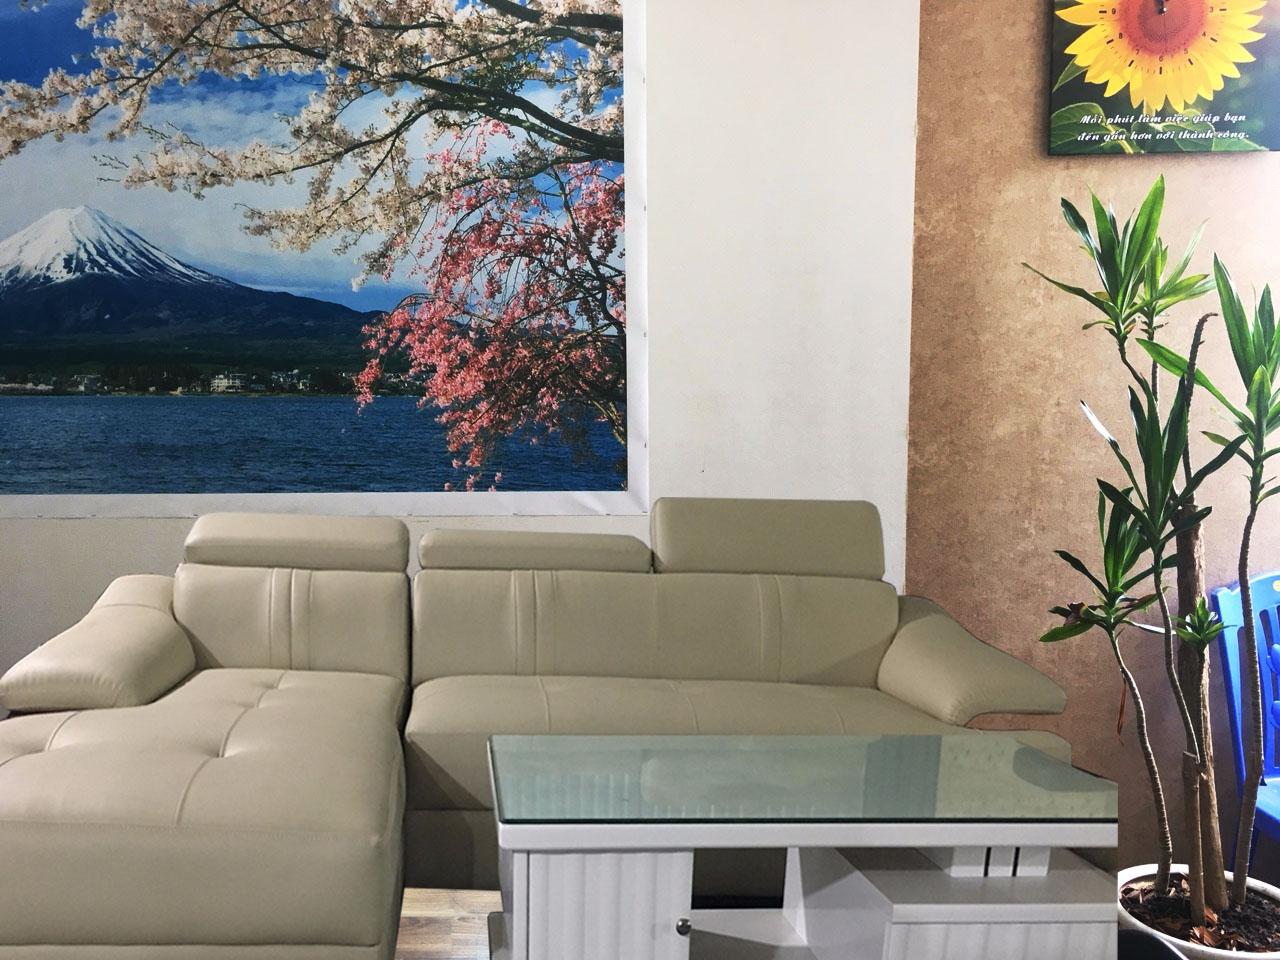 Tranh in canvas thường được căng lên sắt si trước khi căng lên tường